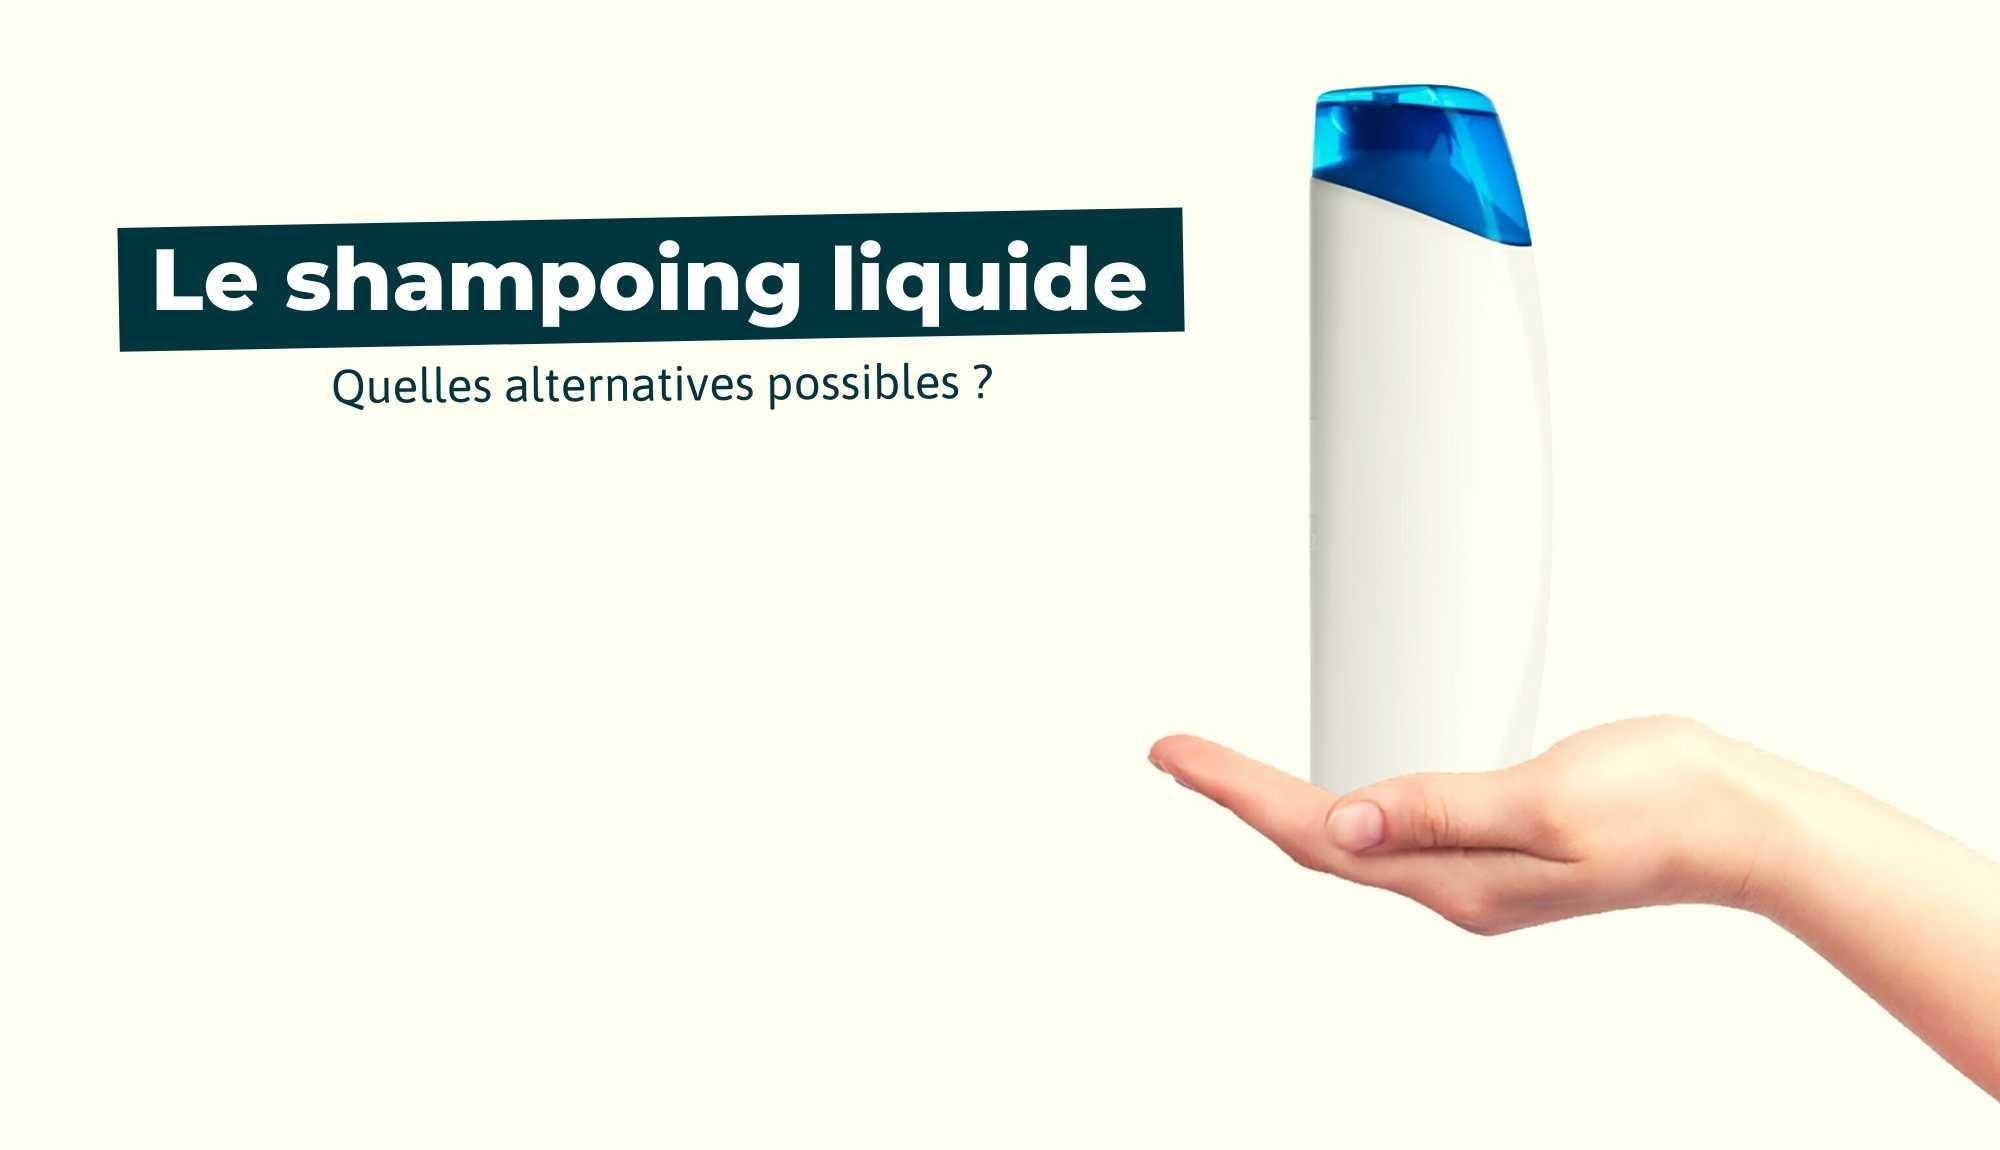 Le shampoing liquide : quelles alternatives ?